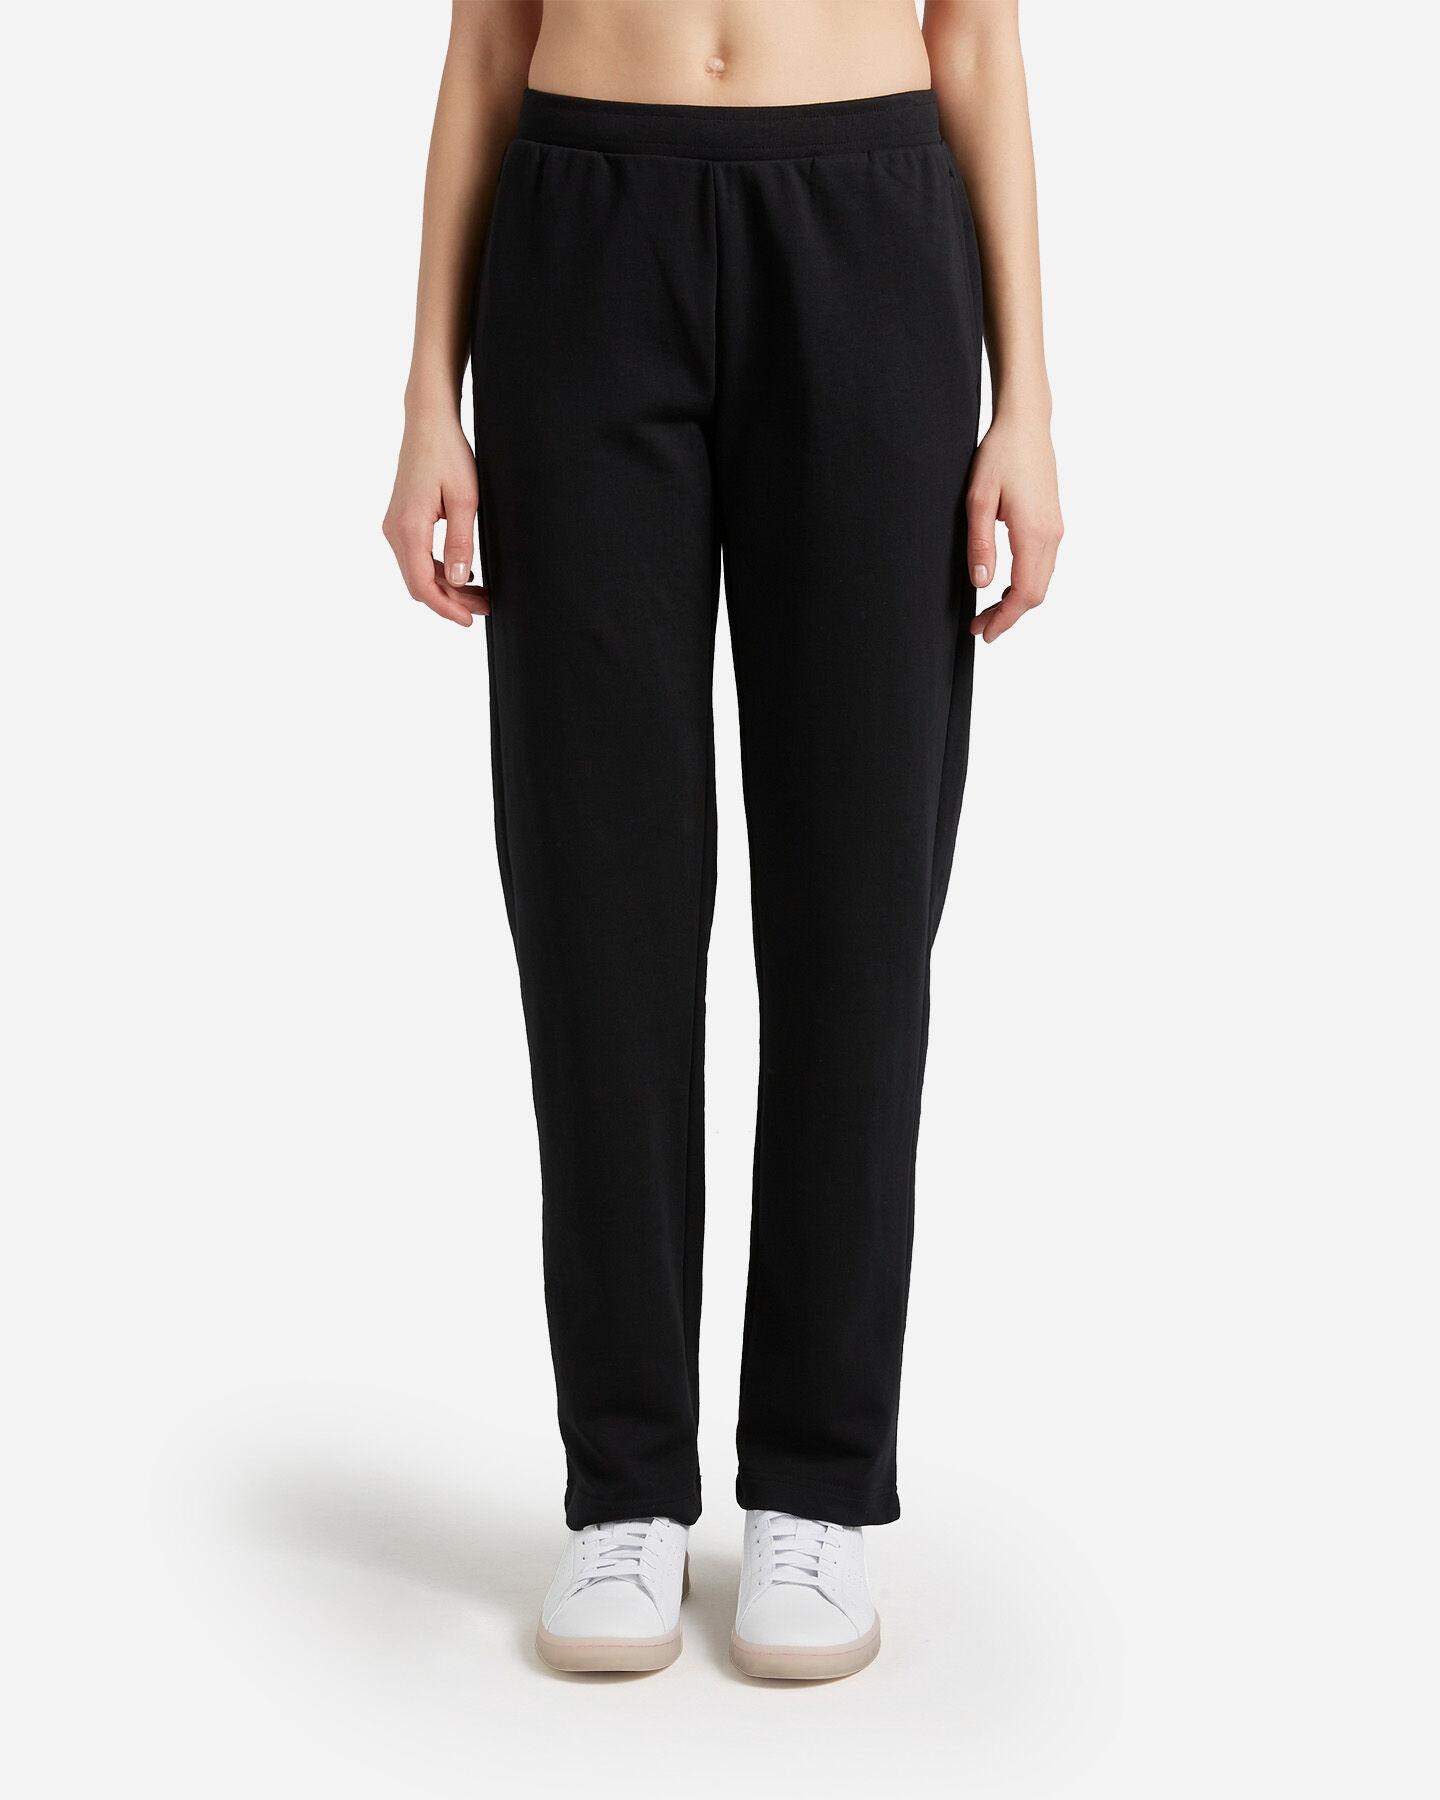 Pantalone ABC STRAIGHT W S5296358 scatto 0